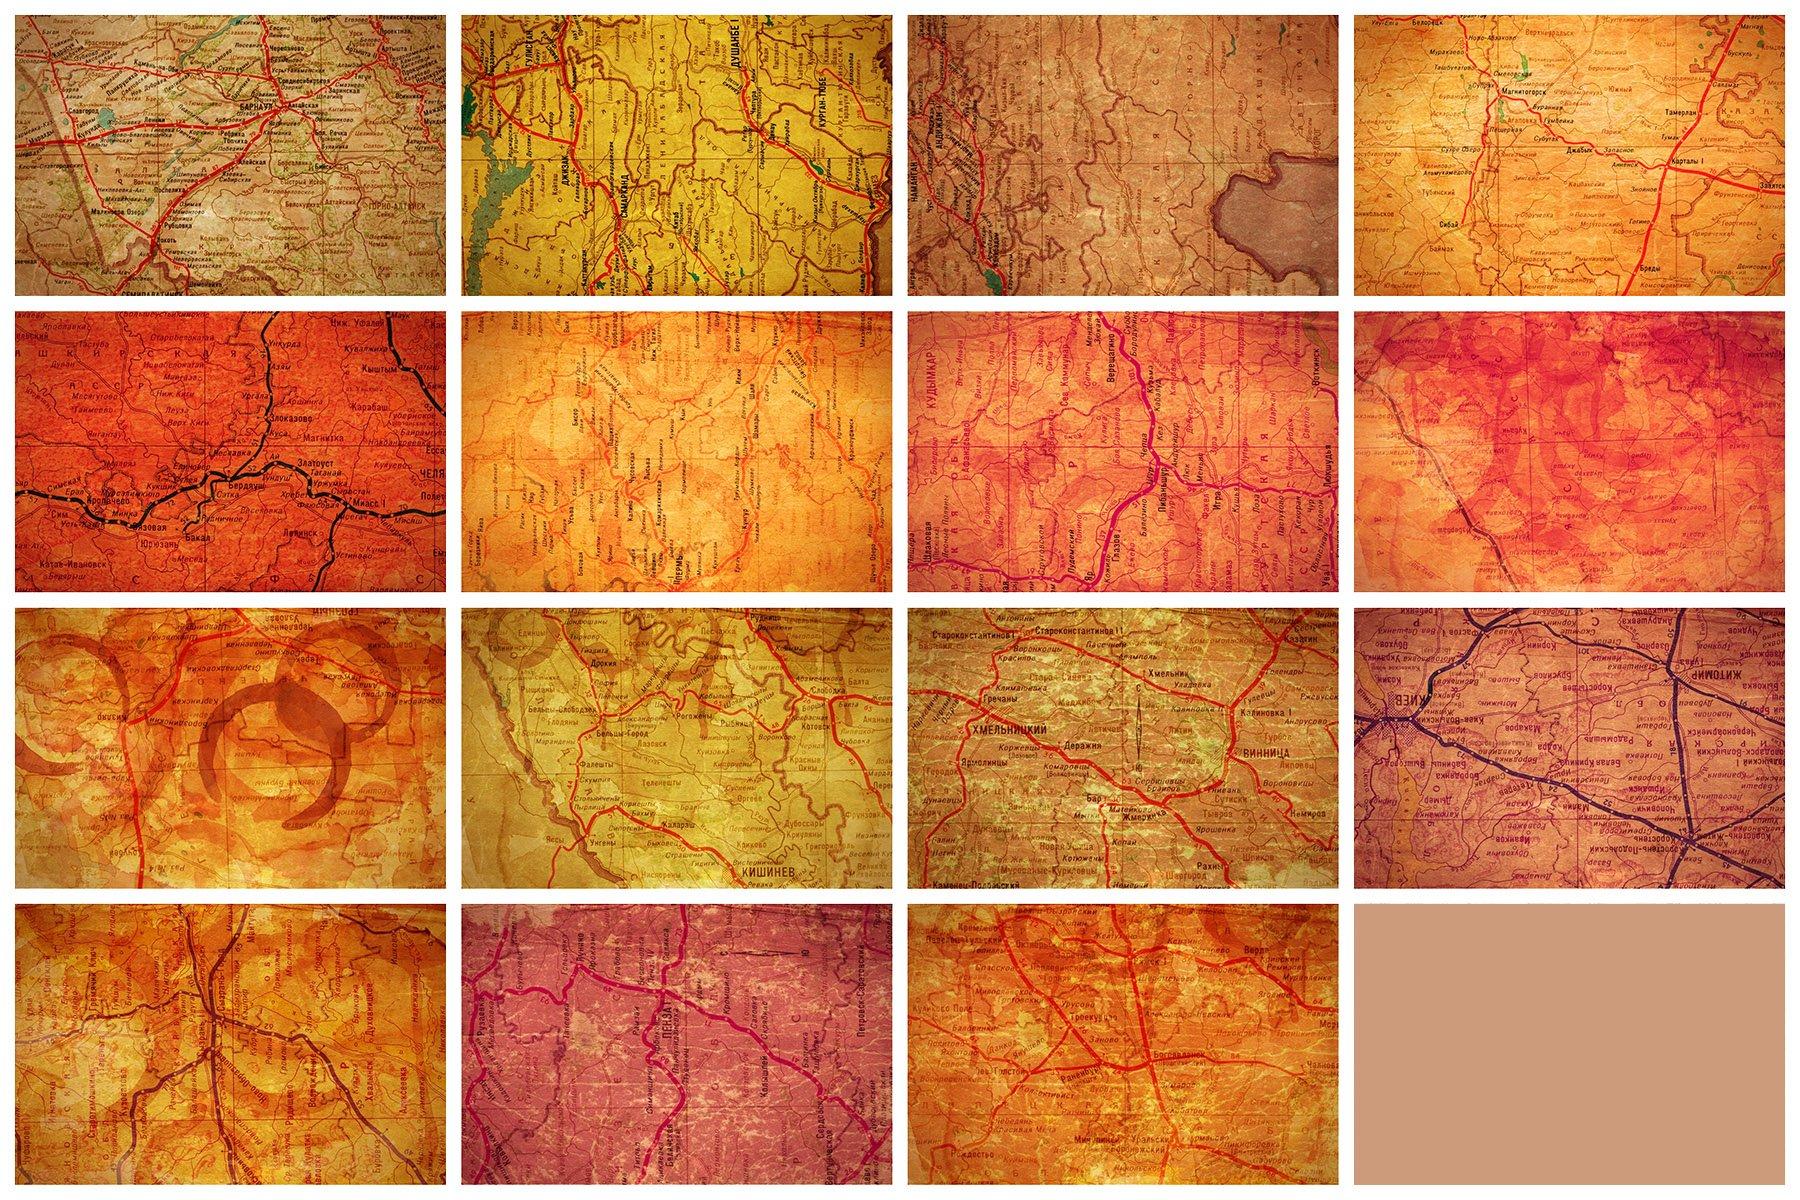 [淘宝购买] 60款高清复古老式苏联世界地图底纹背景纹理图片设计素材 60 USSR Map Textures插图11